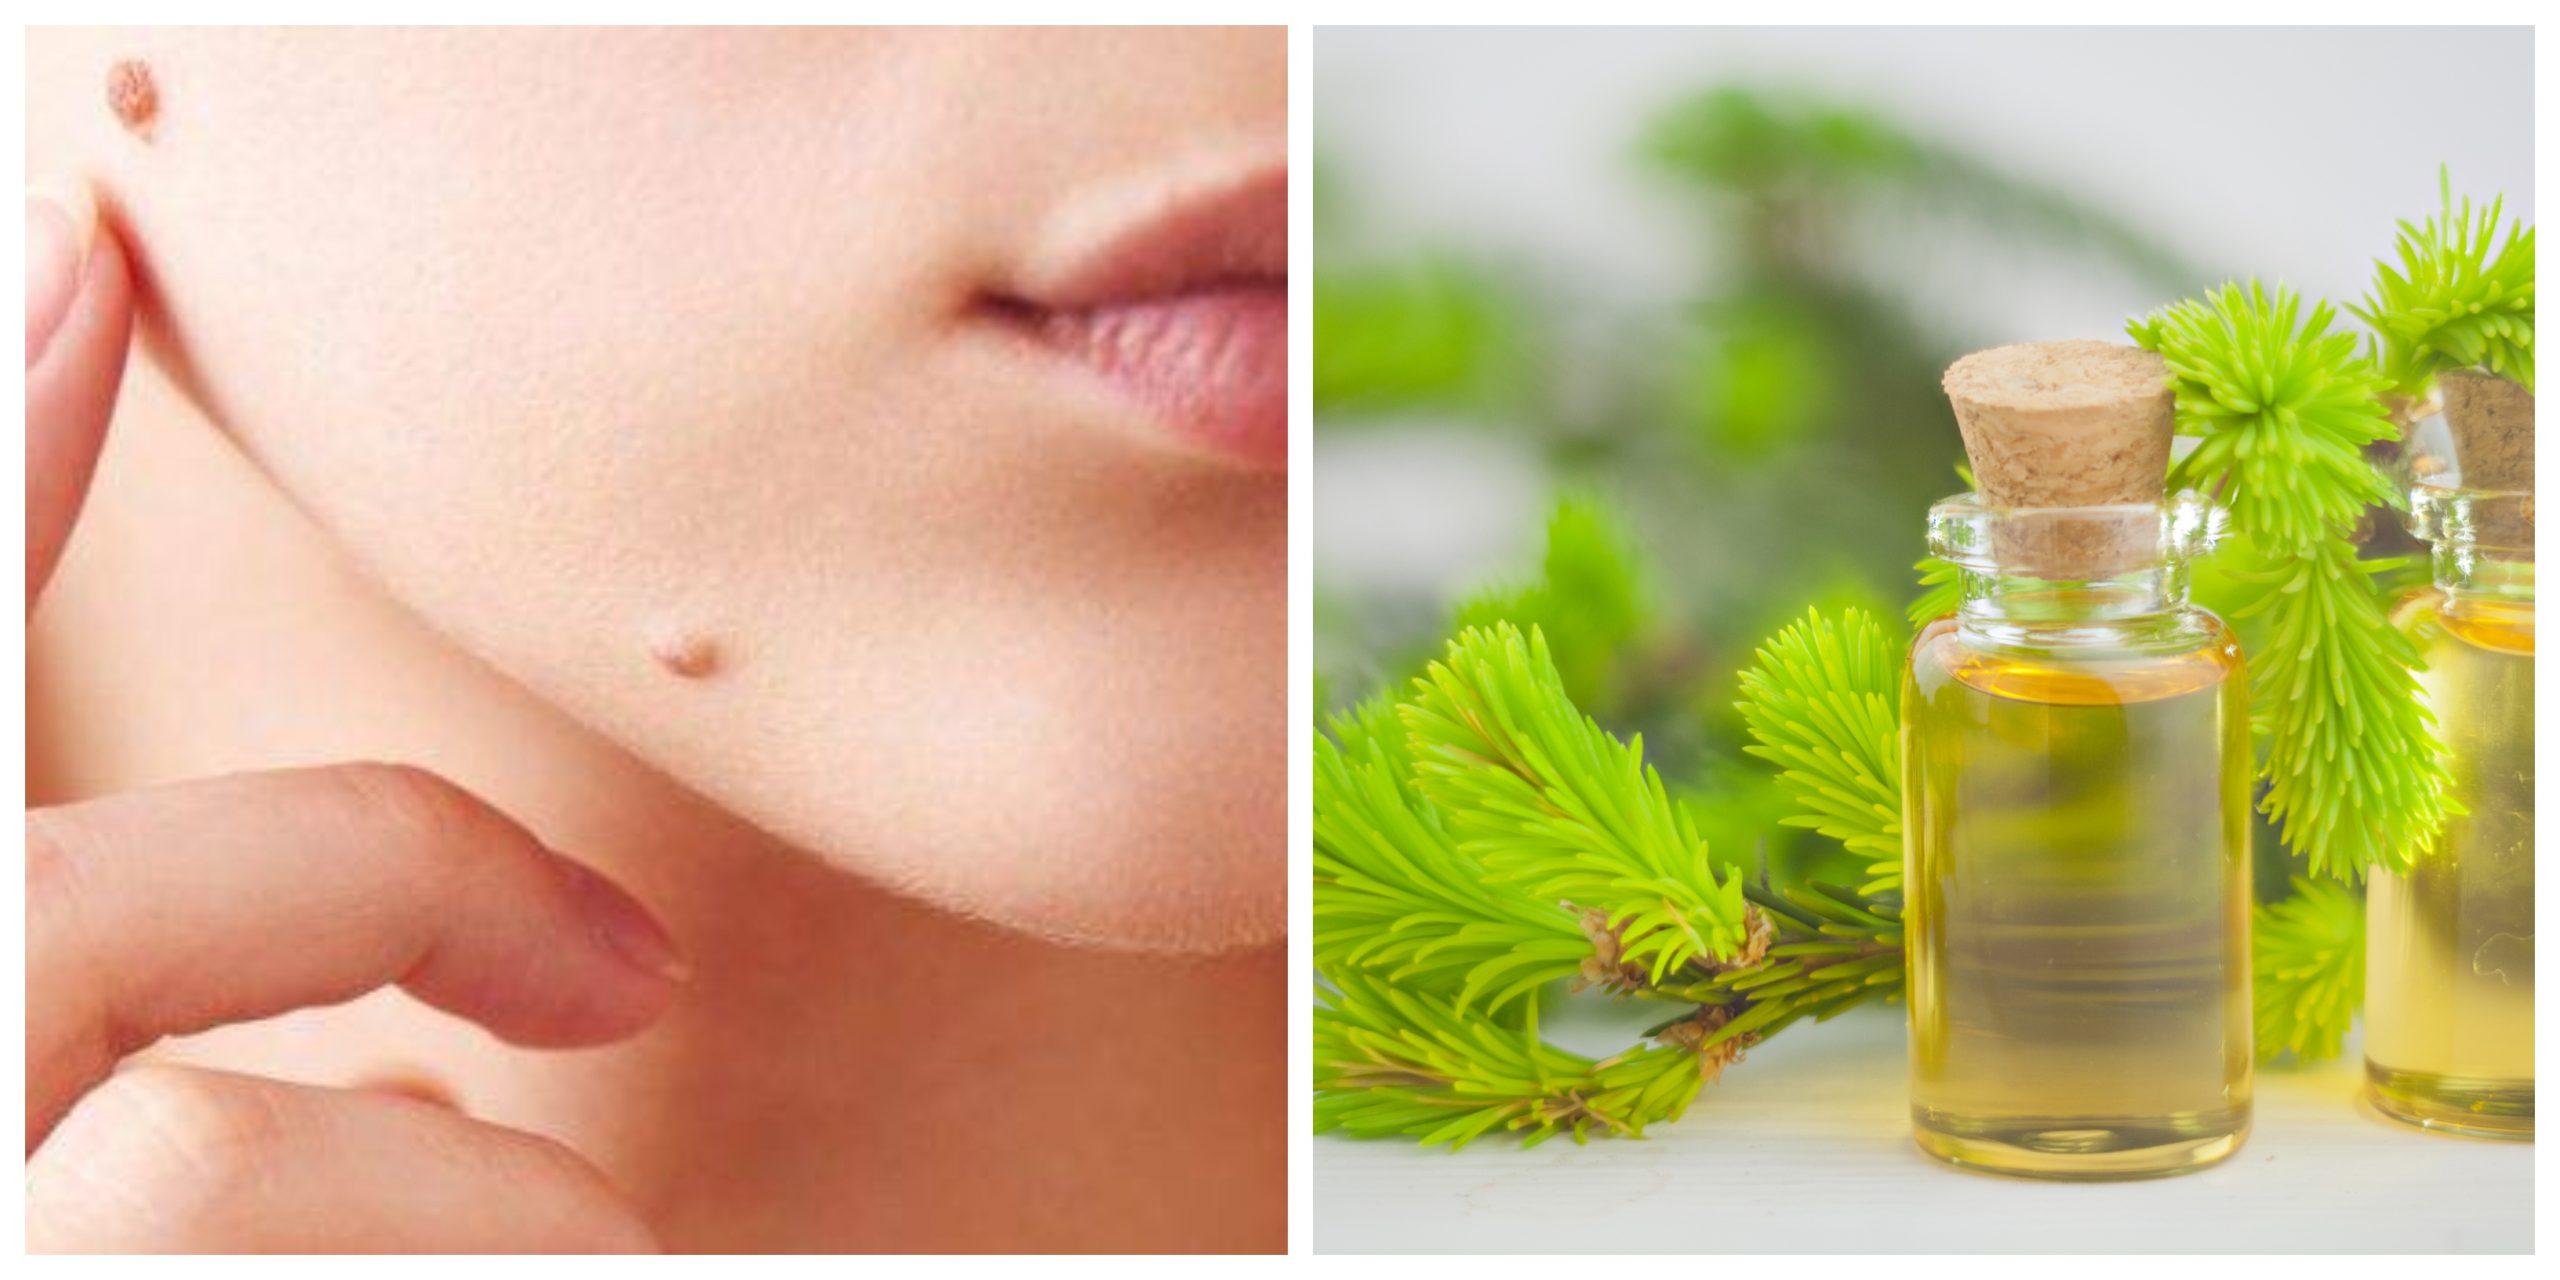 وصفة سهلة للتخلص من الزوائد الجلدية باستخدام زيت شجرة الشاي